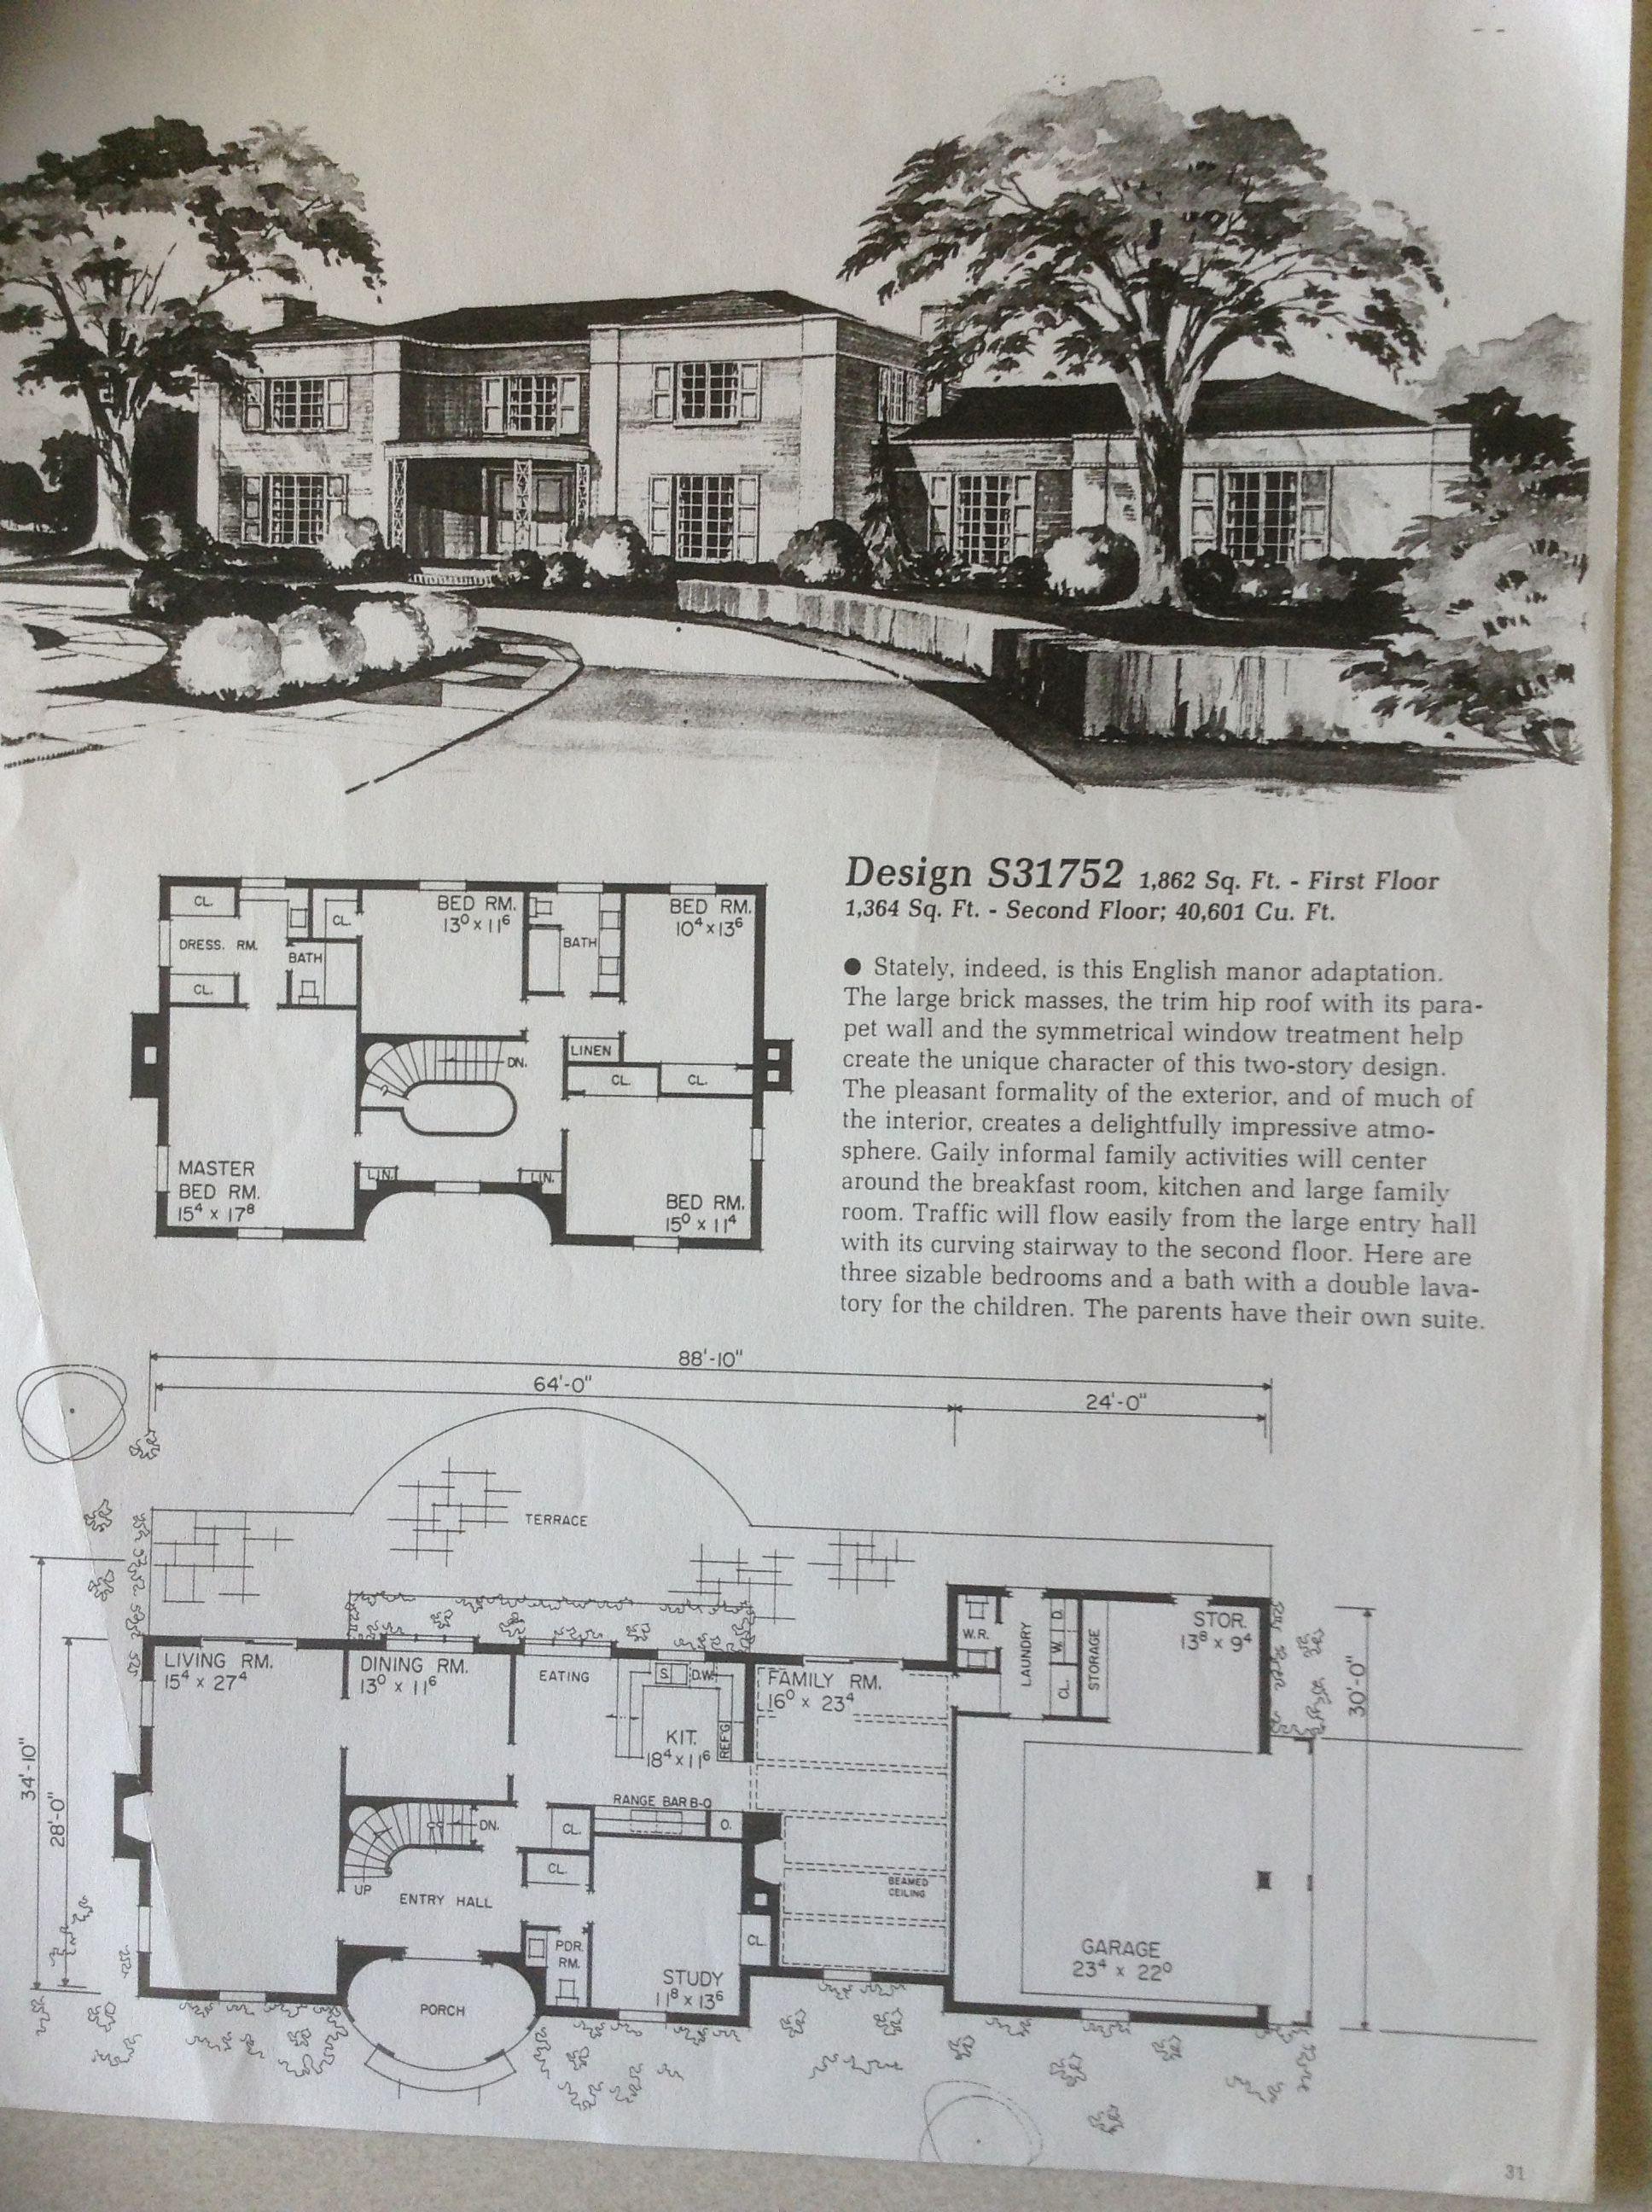 Design S31752 Architectural Floor Plans Vintage House Plans Dream House Plans